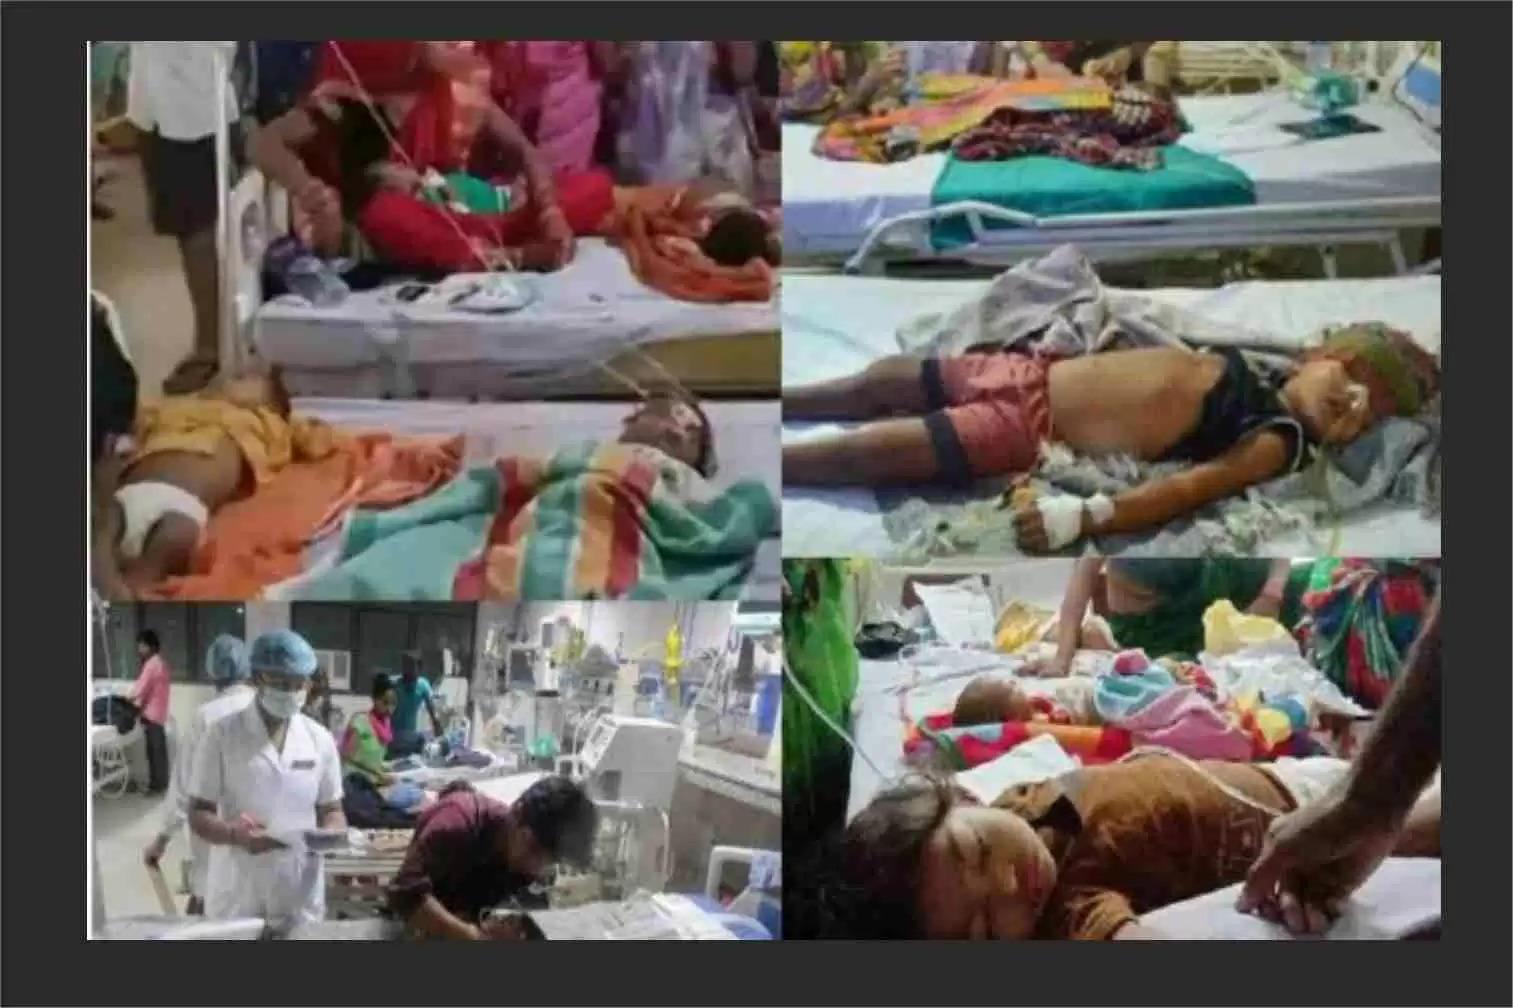 'जानलेवा बुखार' ने देश मेंमचाया तांडव, कई बच्चों की चली गई जान